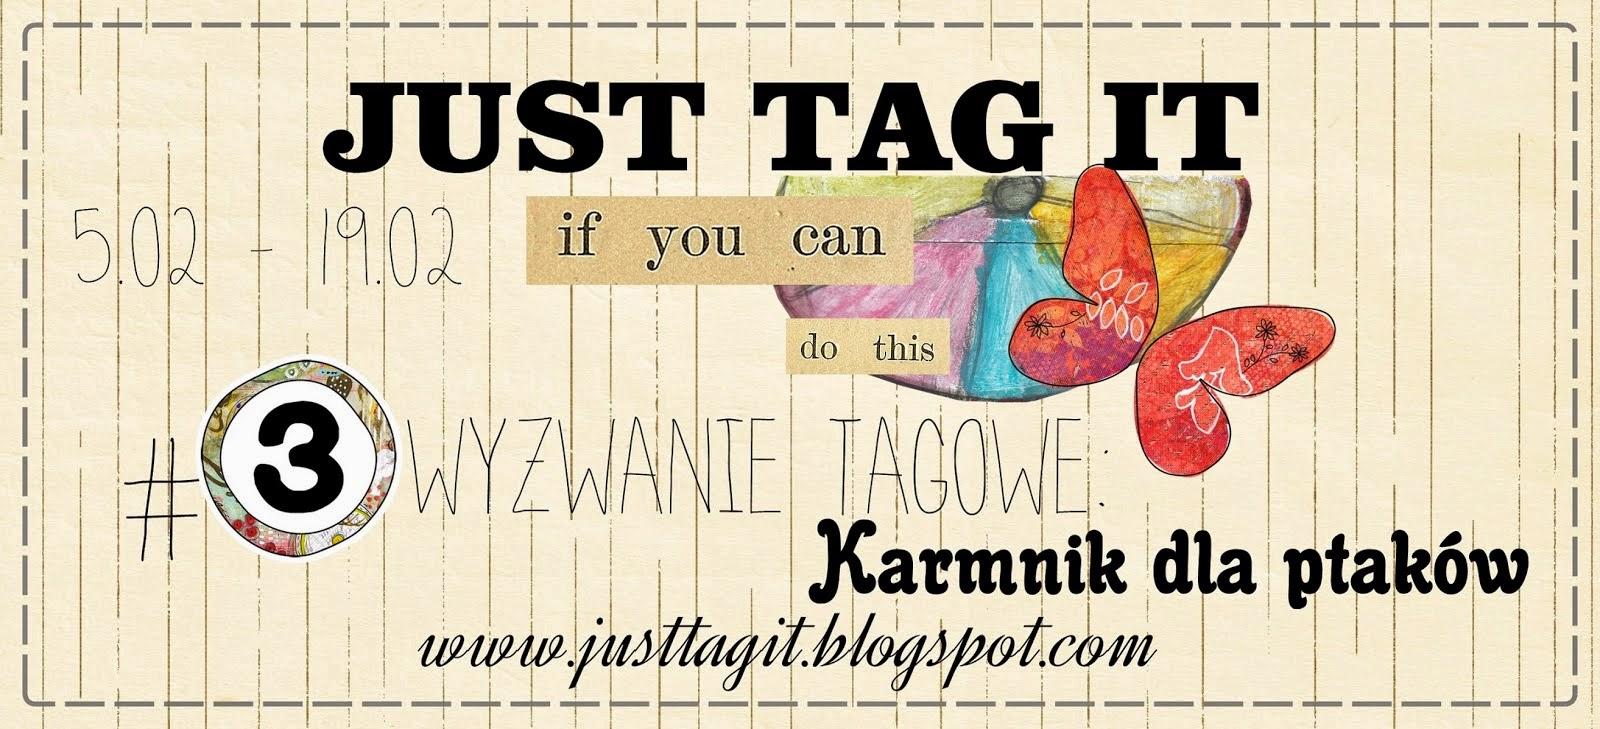 http://justtagit.blogspot.com/2015/02/3-wyzwanie-tagowe-karmnik-dla-ptakow.html